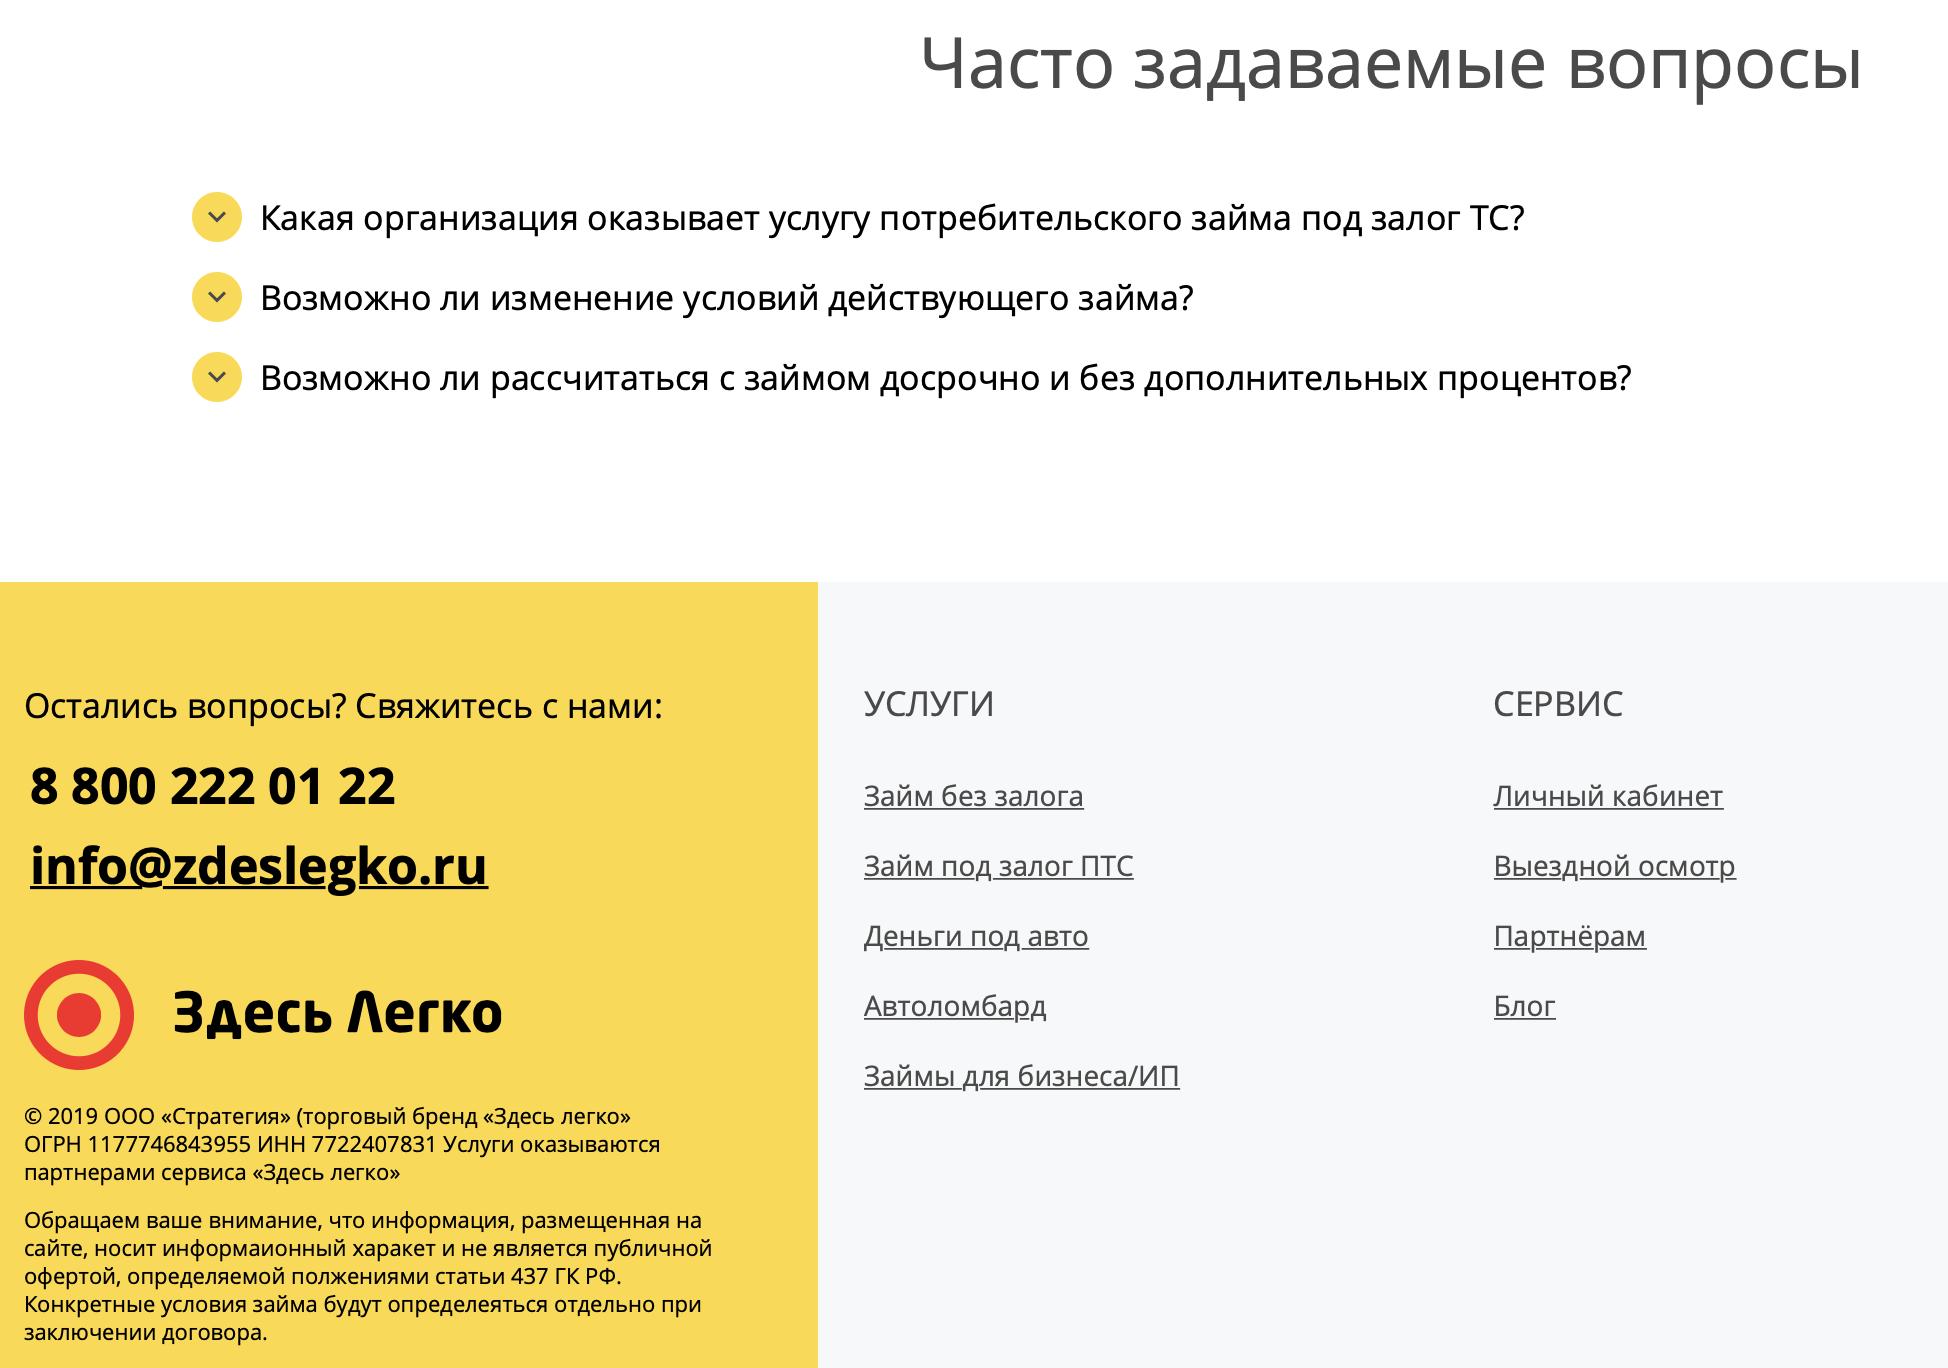 Официальный сайт Залогатор